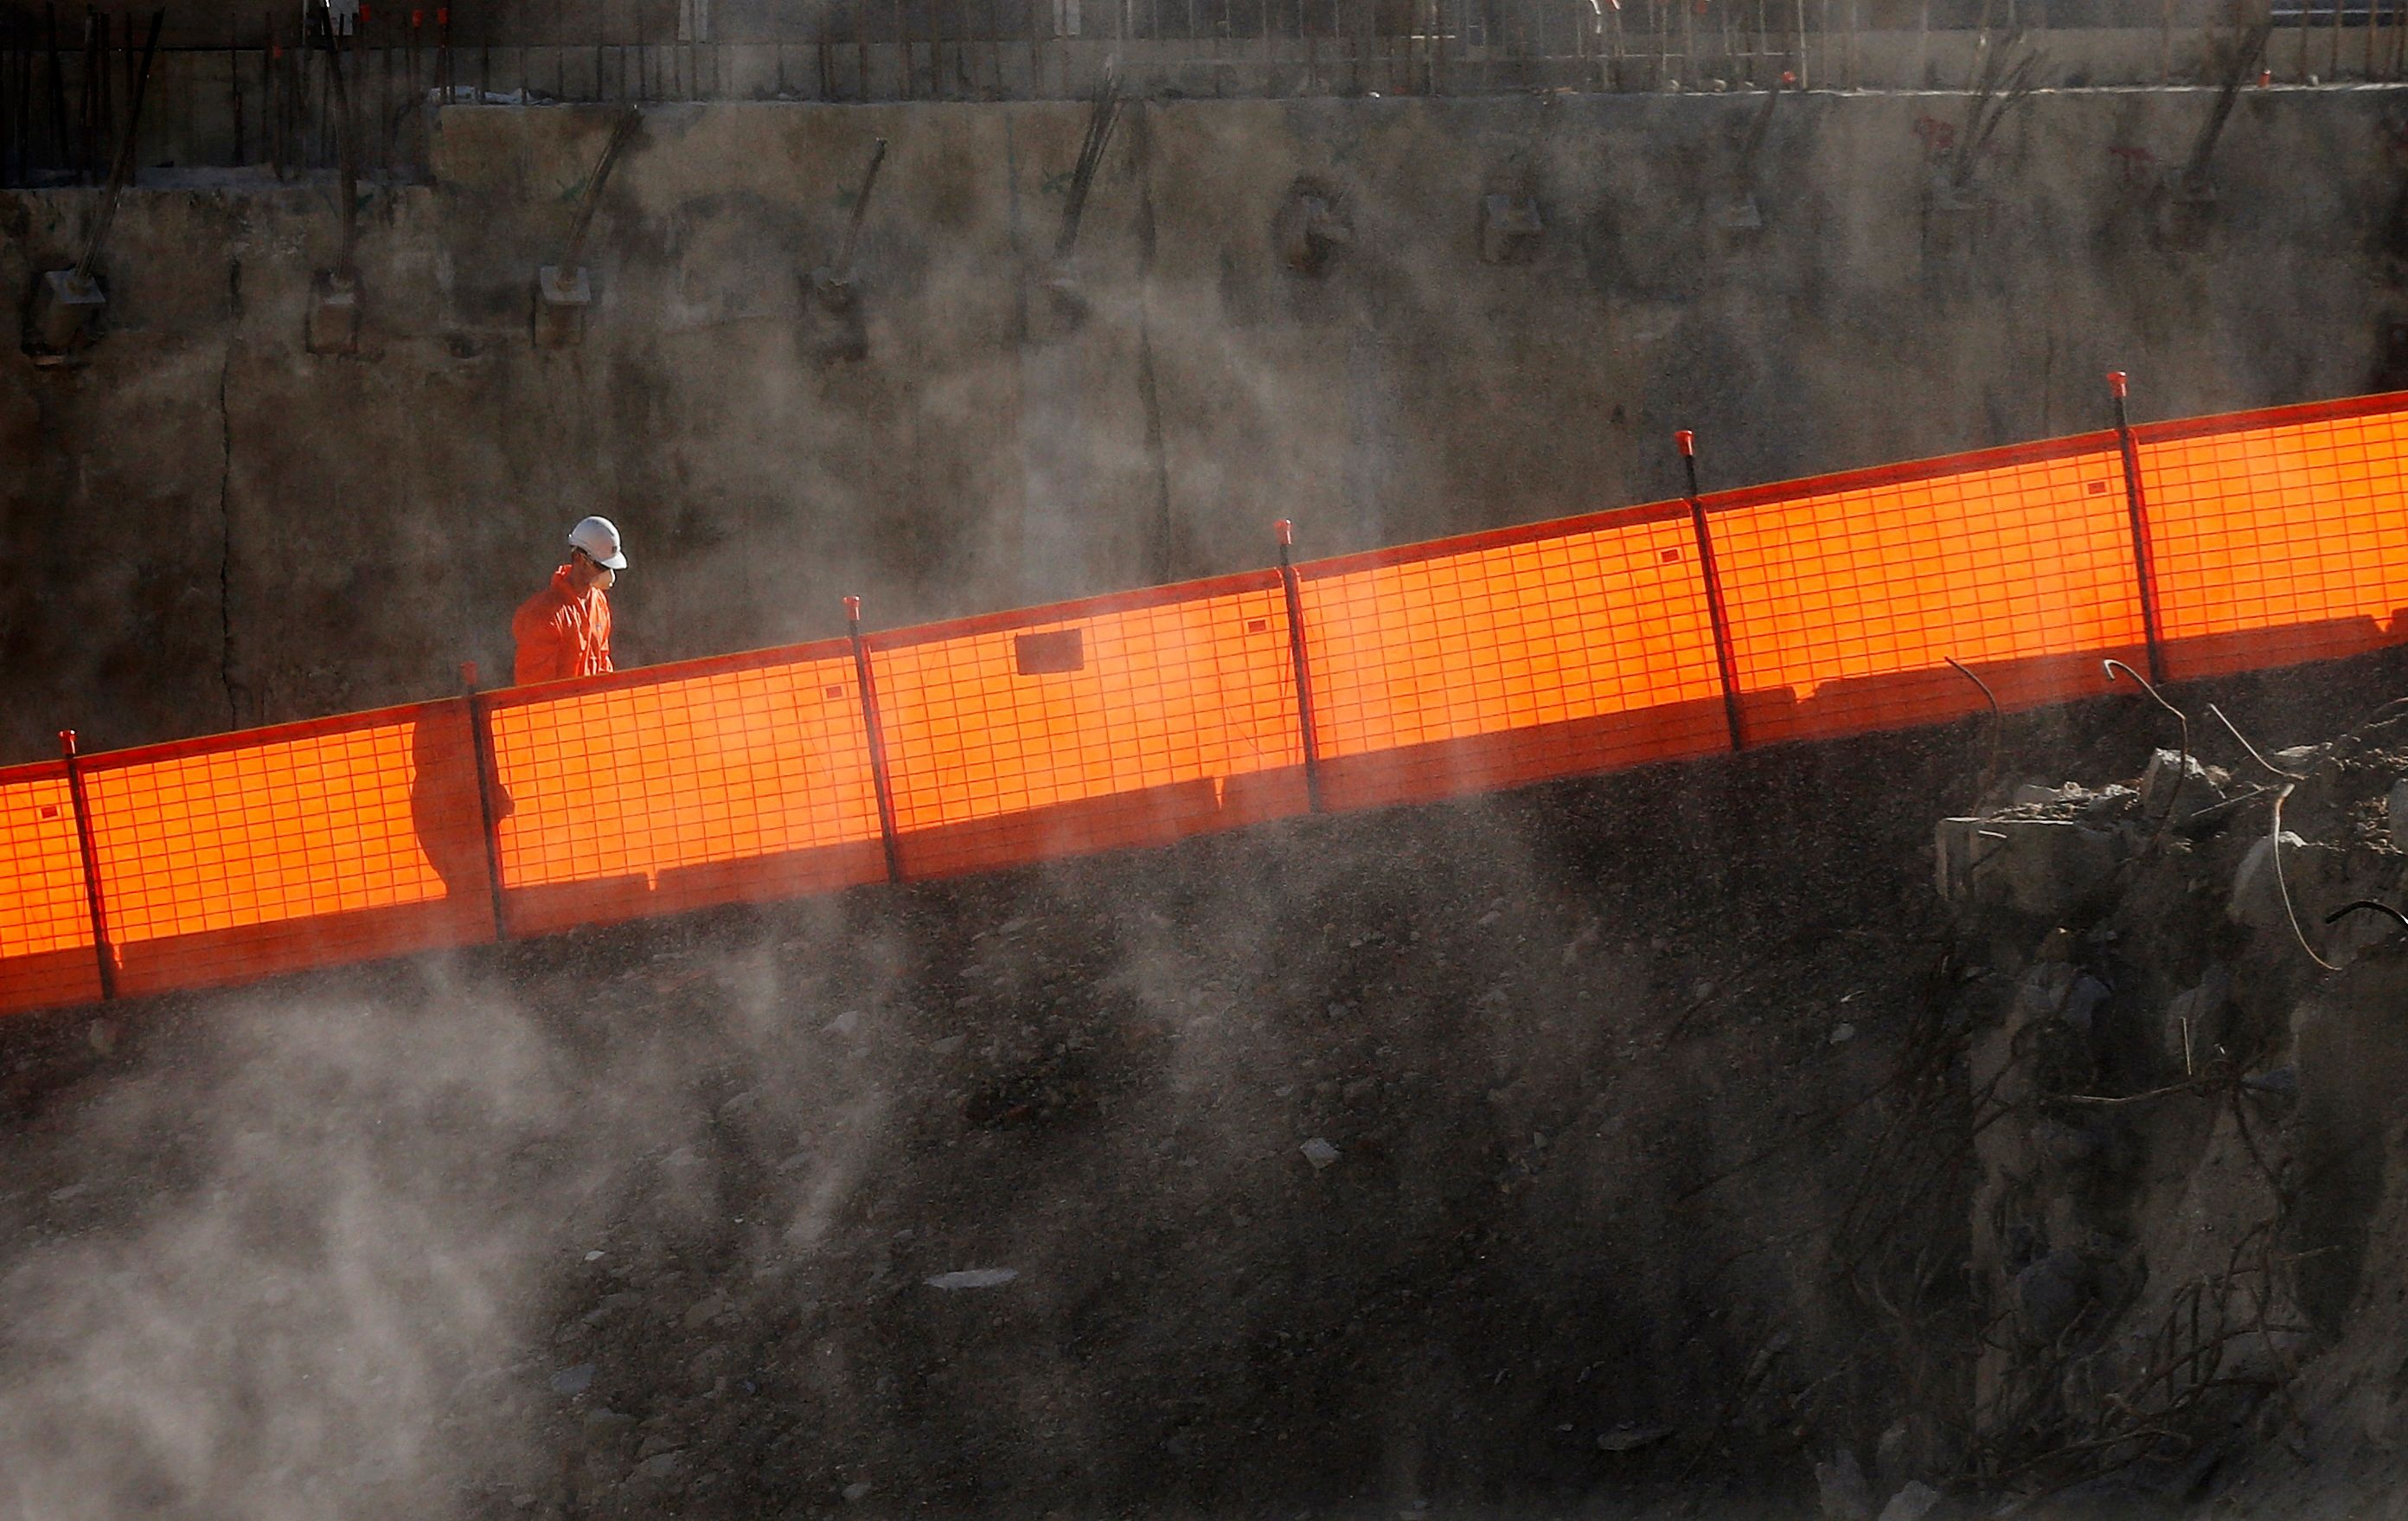 La désindustrialisation est responsable d'une forte destruction d'emplois (entre 400 000 et 700 000 en dix ans) et de savoir-faire technique.